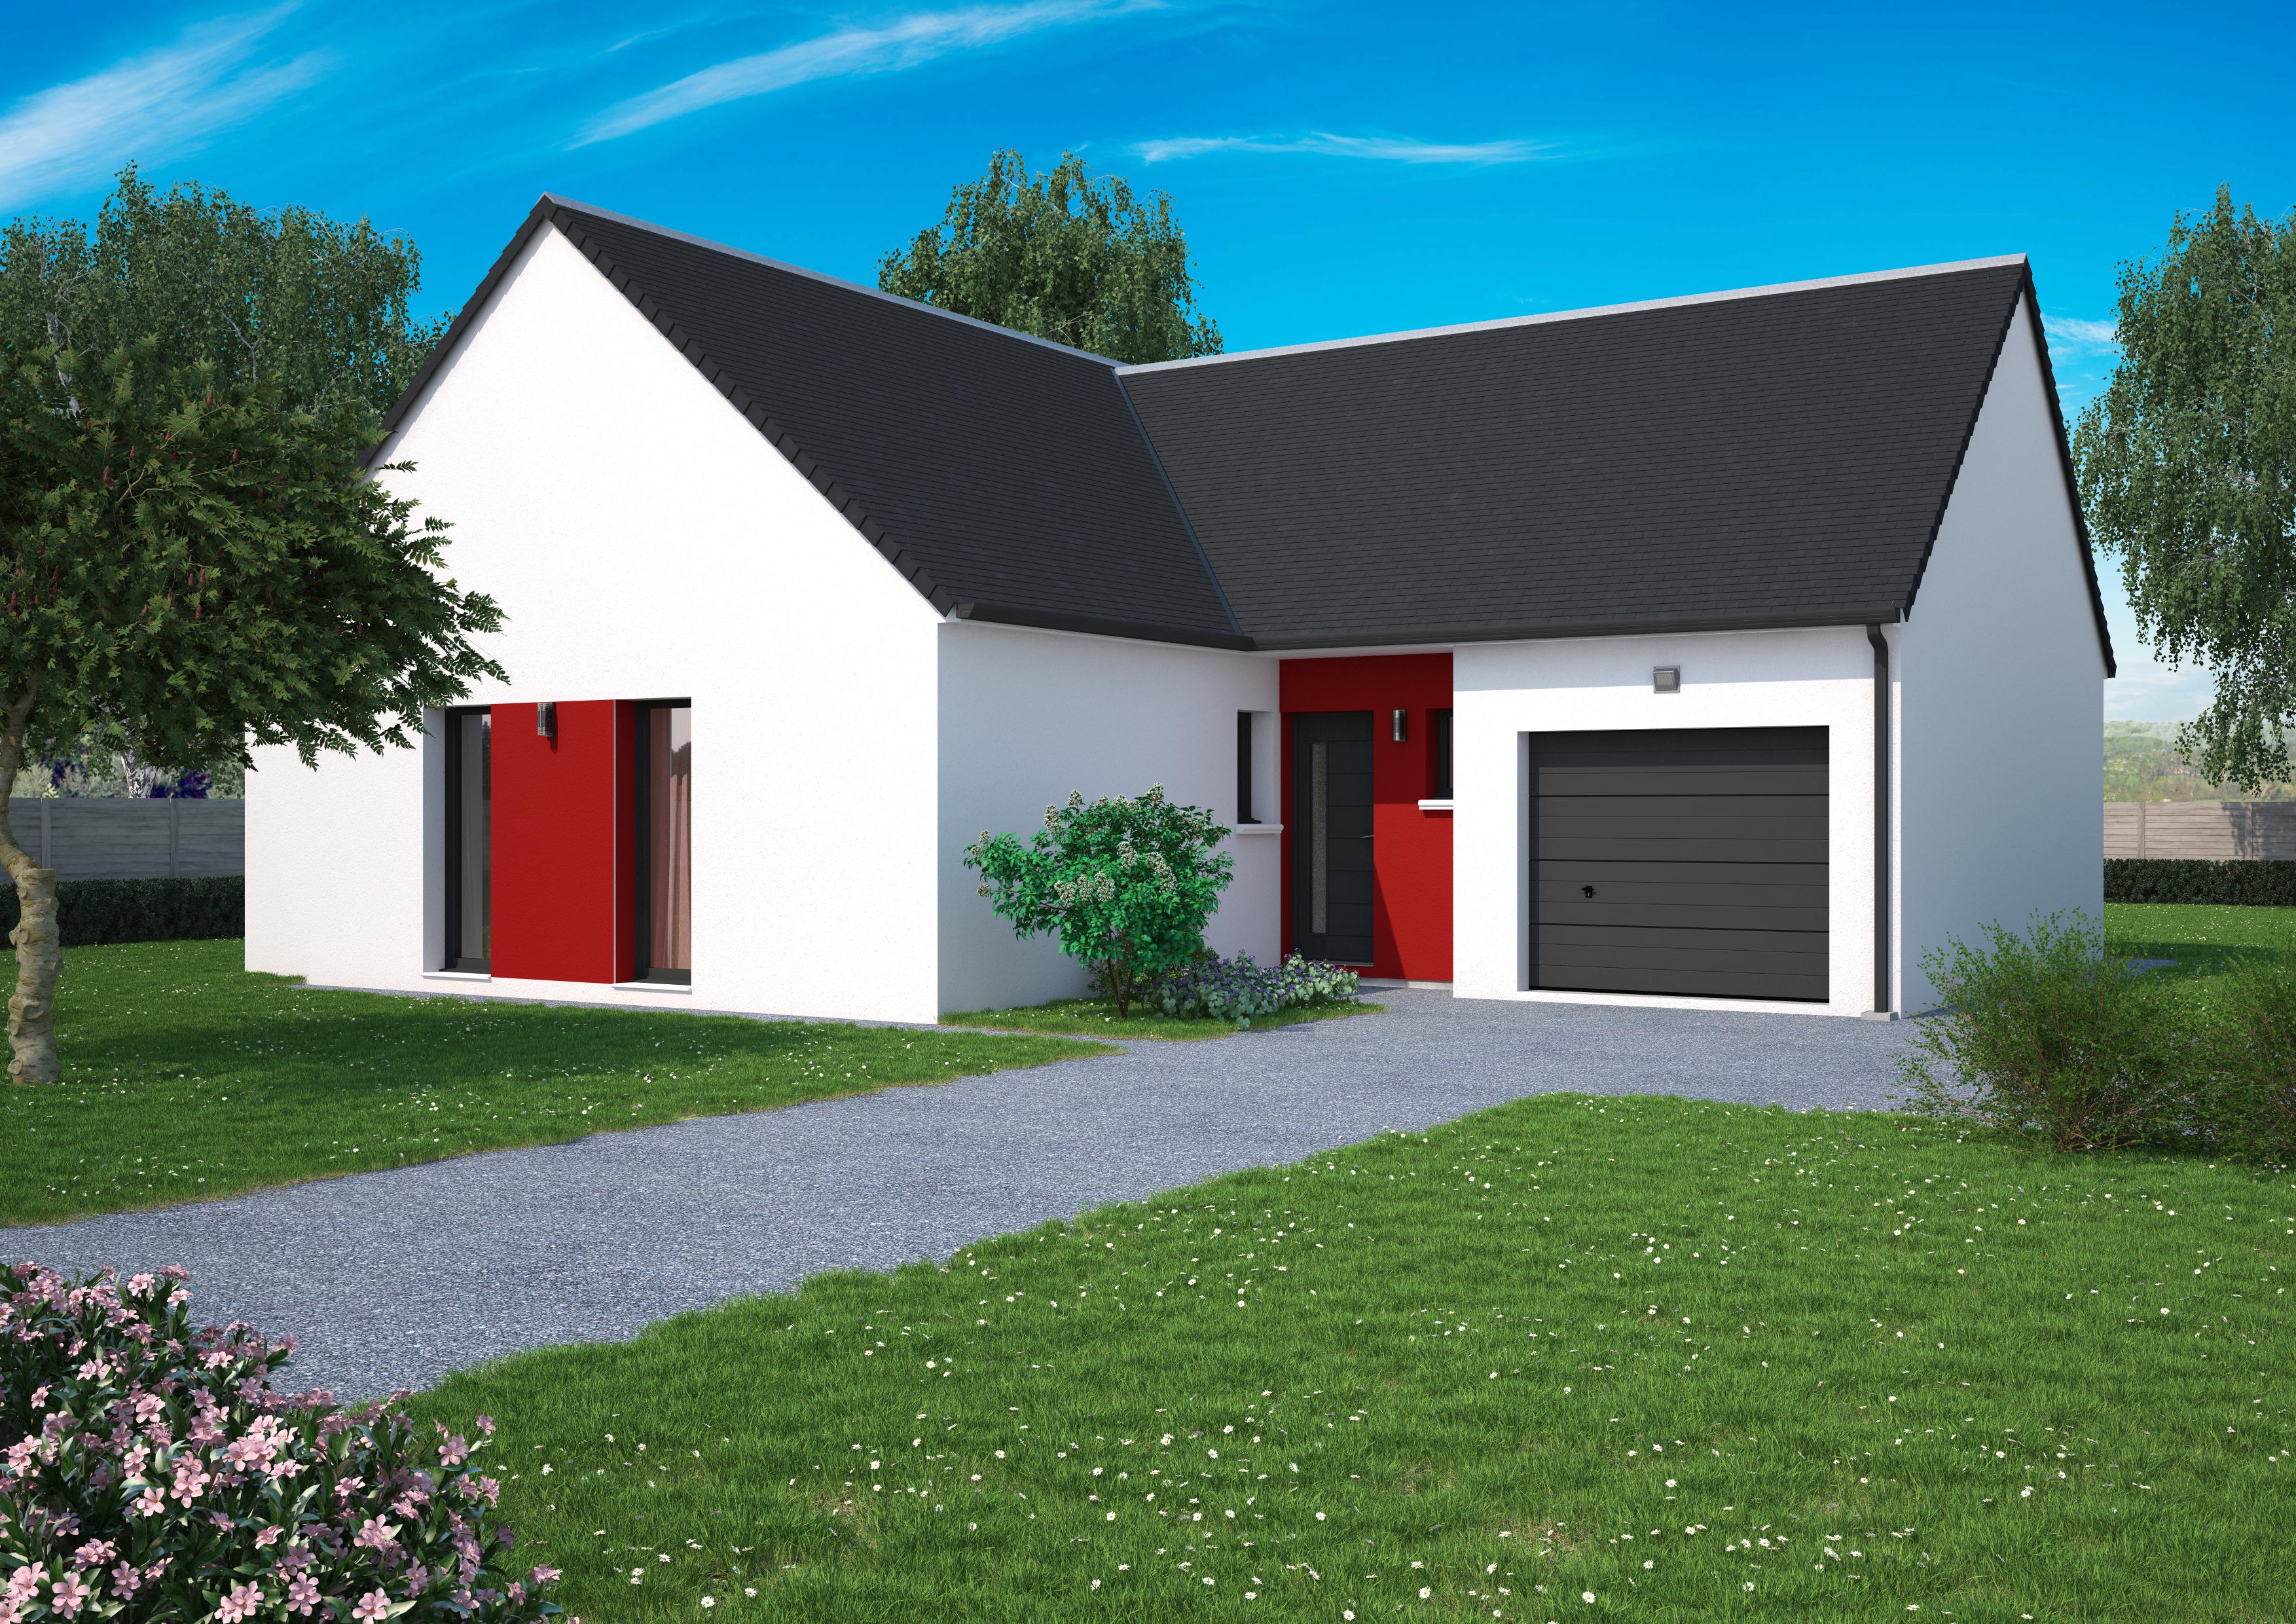 Maison à vendre à Pithiviers-le-Vieil